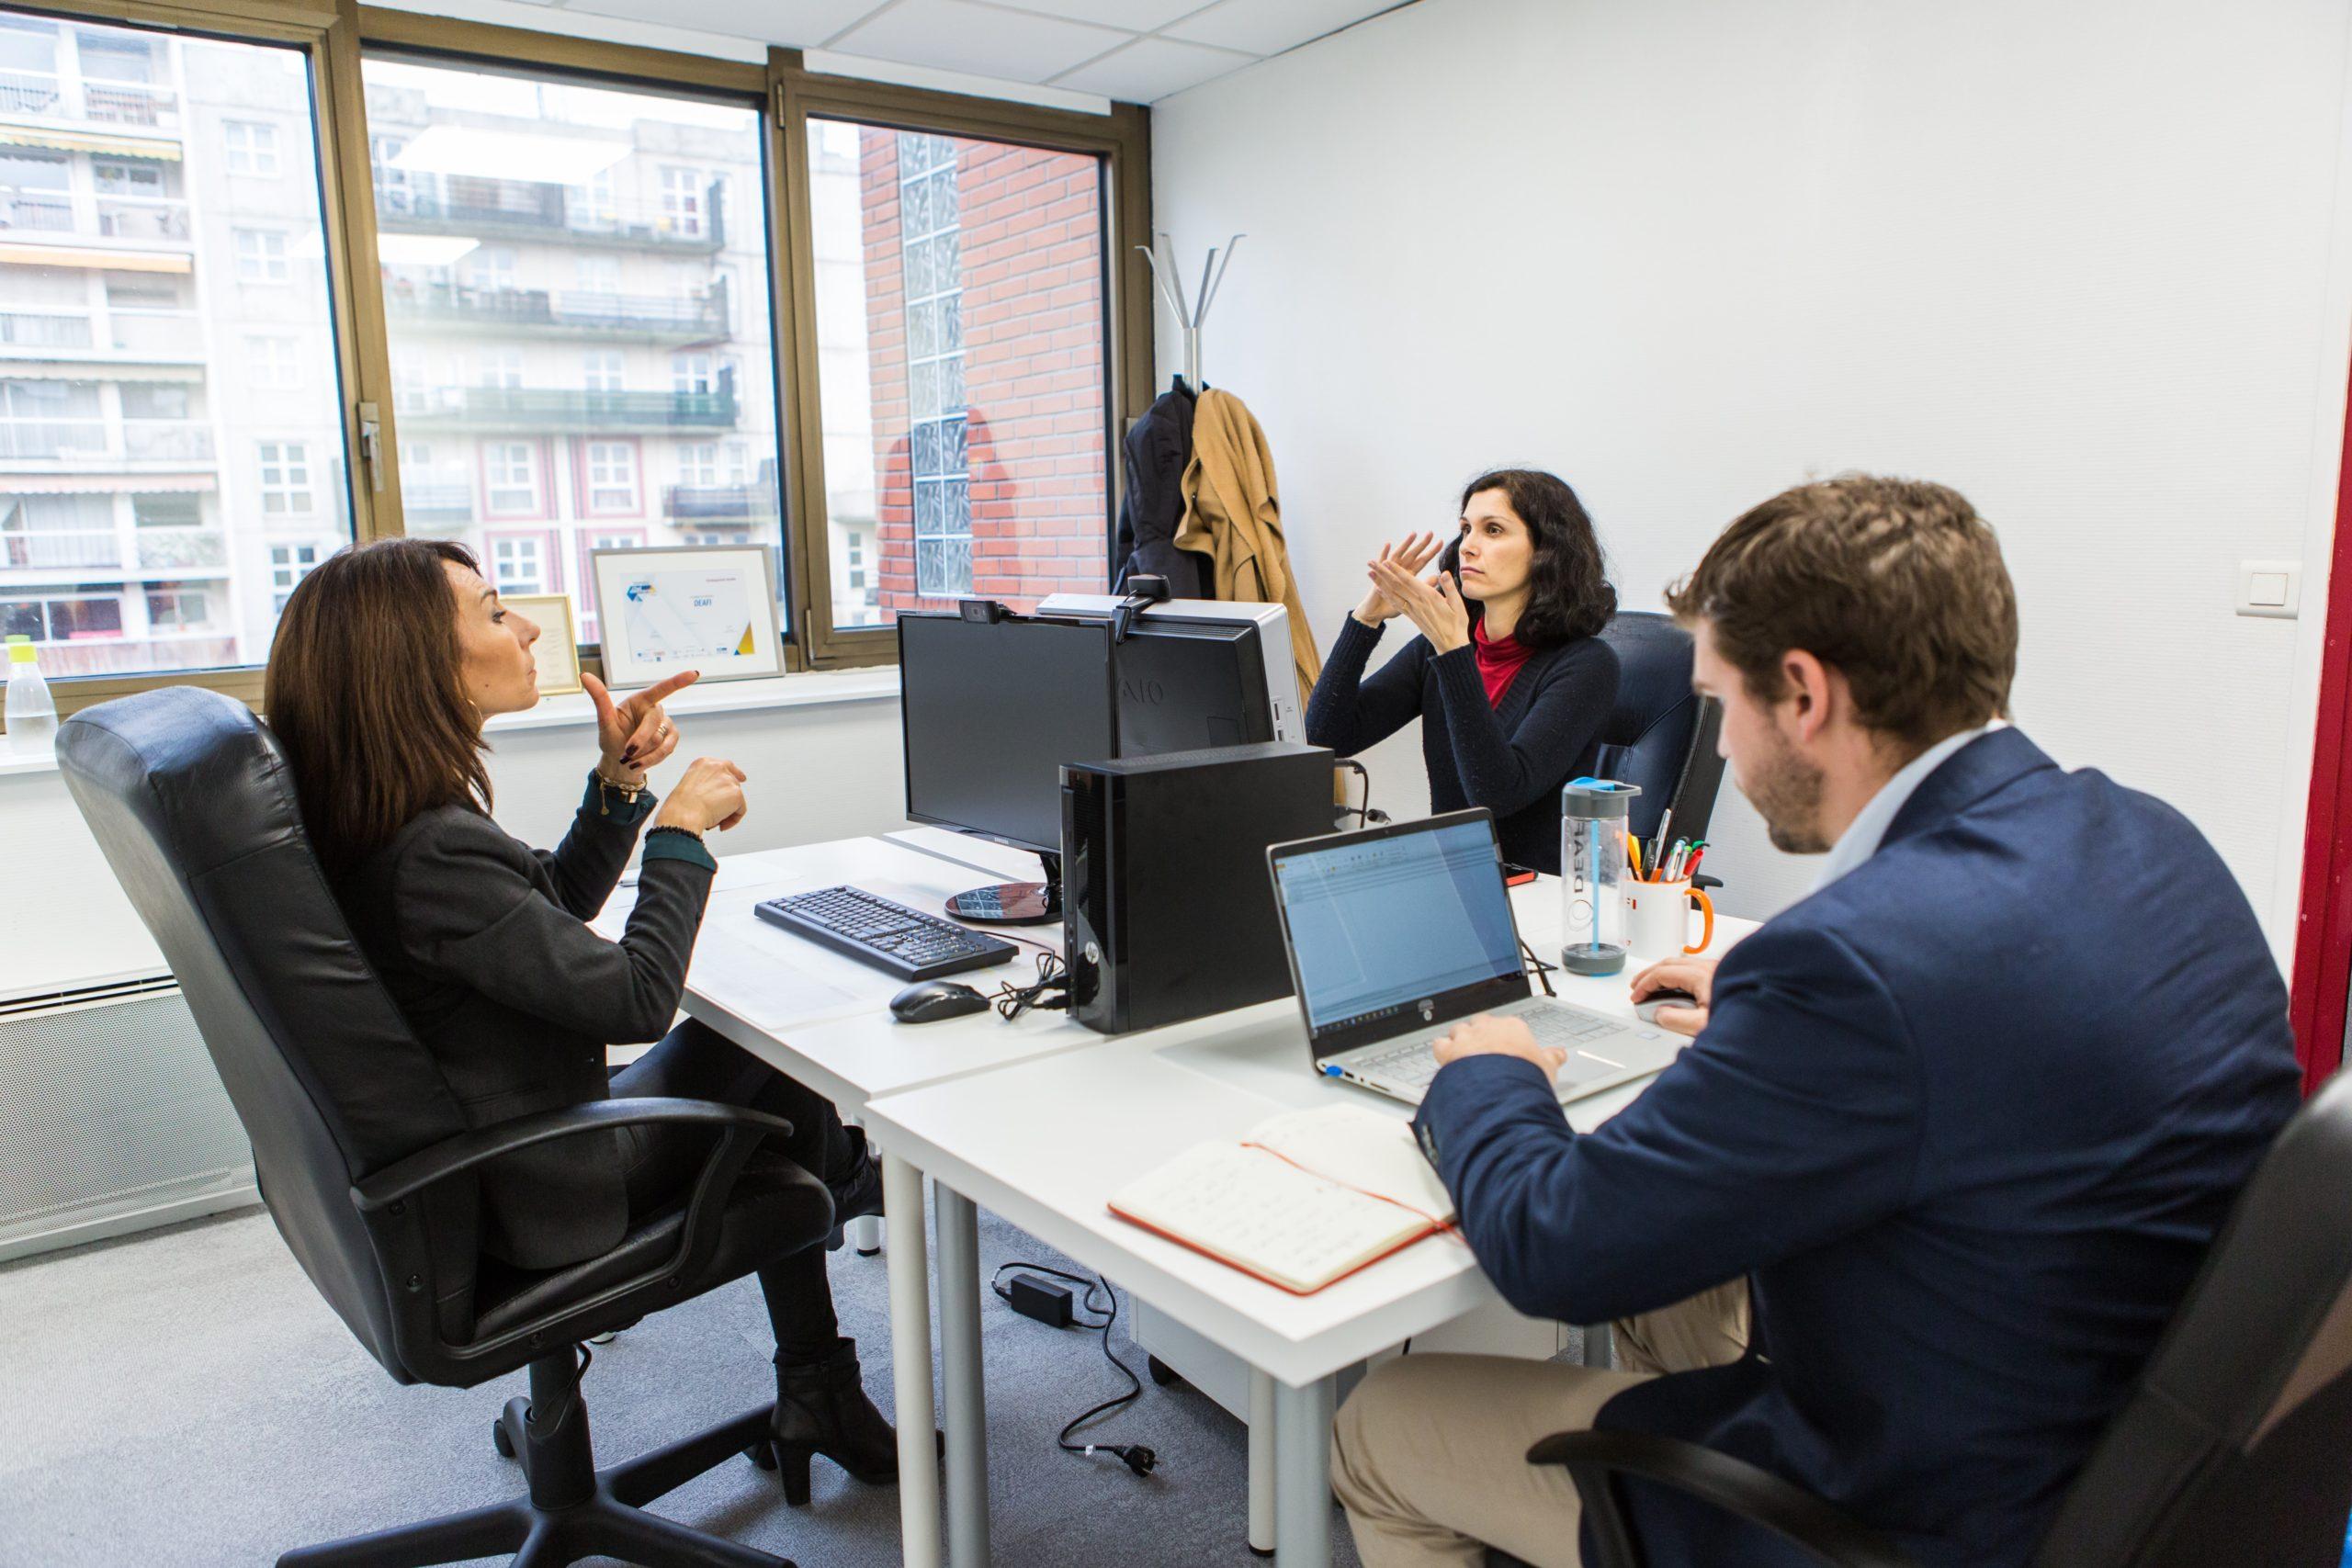 Quels sont les avantages de travailler avec une entreprise adaptée comme Deafi ?